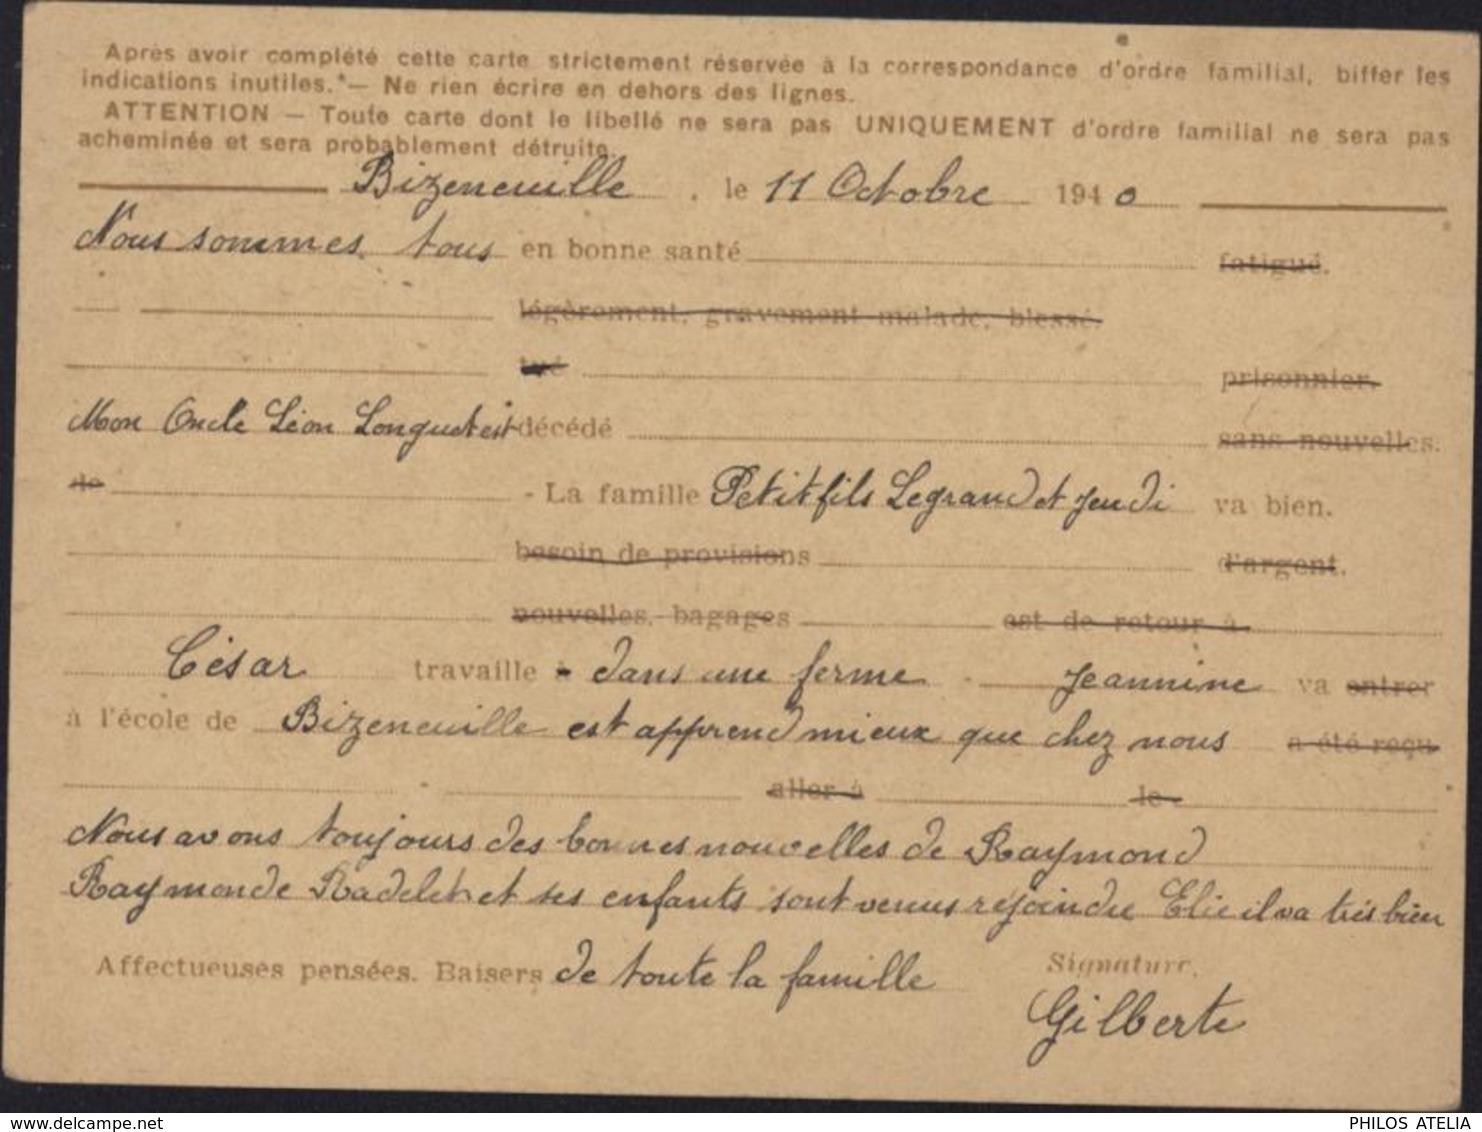 Entier Iris Carte Postale Interzone Valeur 0.9 Emise Par Réfugié CAD Perlé Bizeneuille 12 10 40 Guerre 39 45 - Guerre De 1939-45